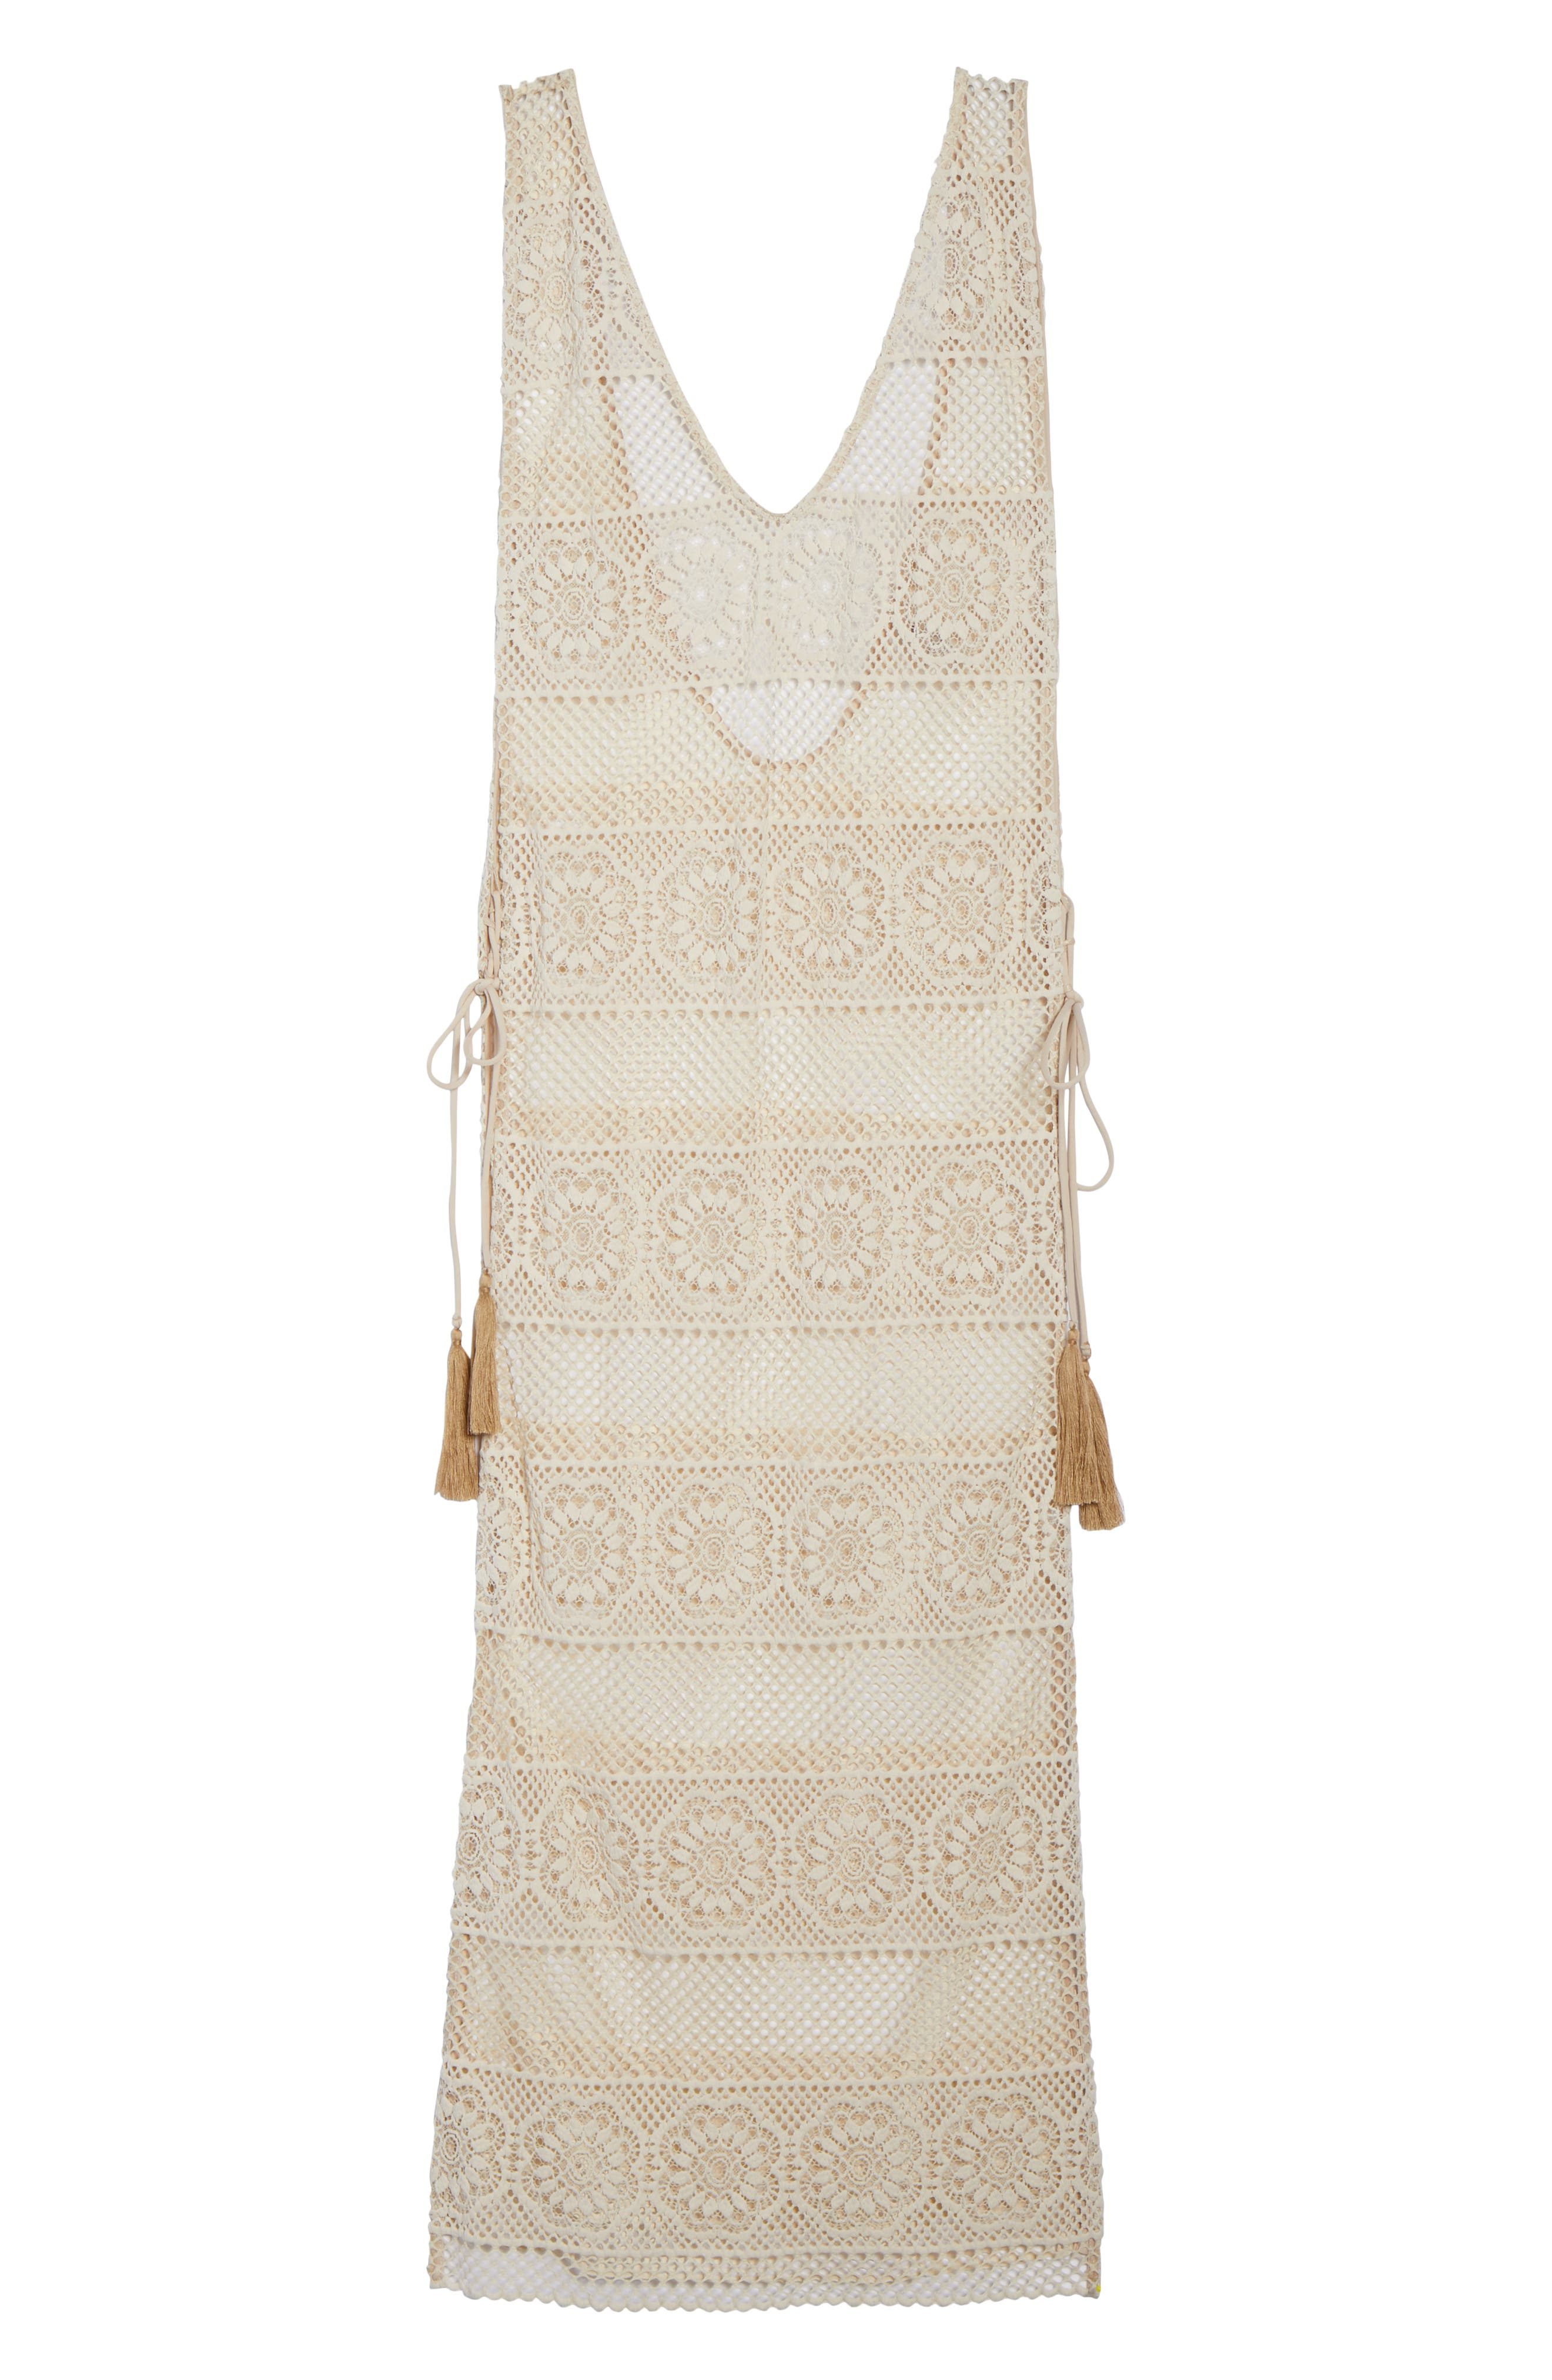 Joy Lace Cover-Up Dress,                             Alternate thumbnail 6, color,                             100